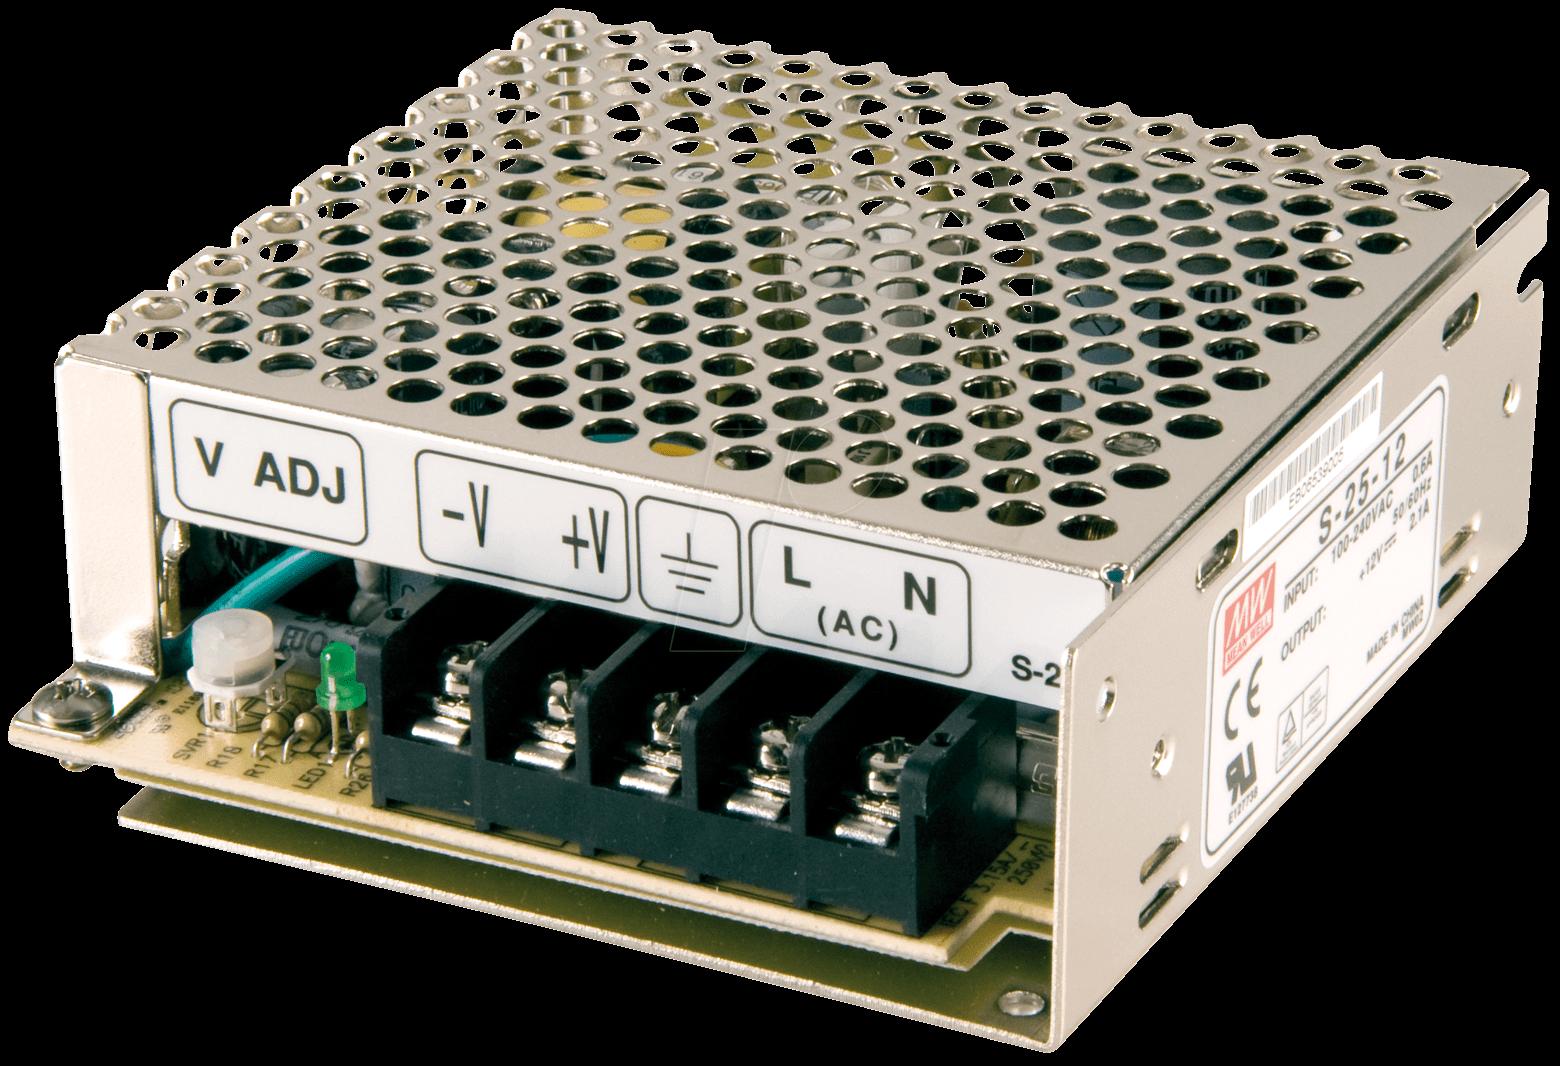 SNT MW25-12 - Schaltnetzteil, geschlossen, 12V / 2,1A / 25W